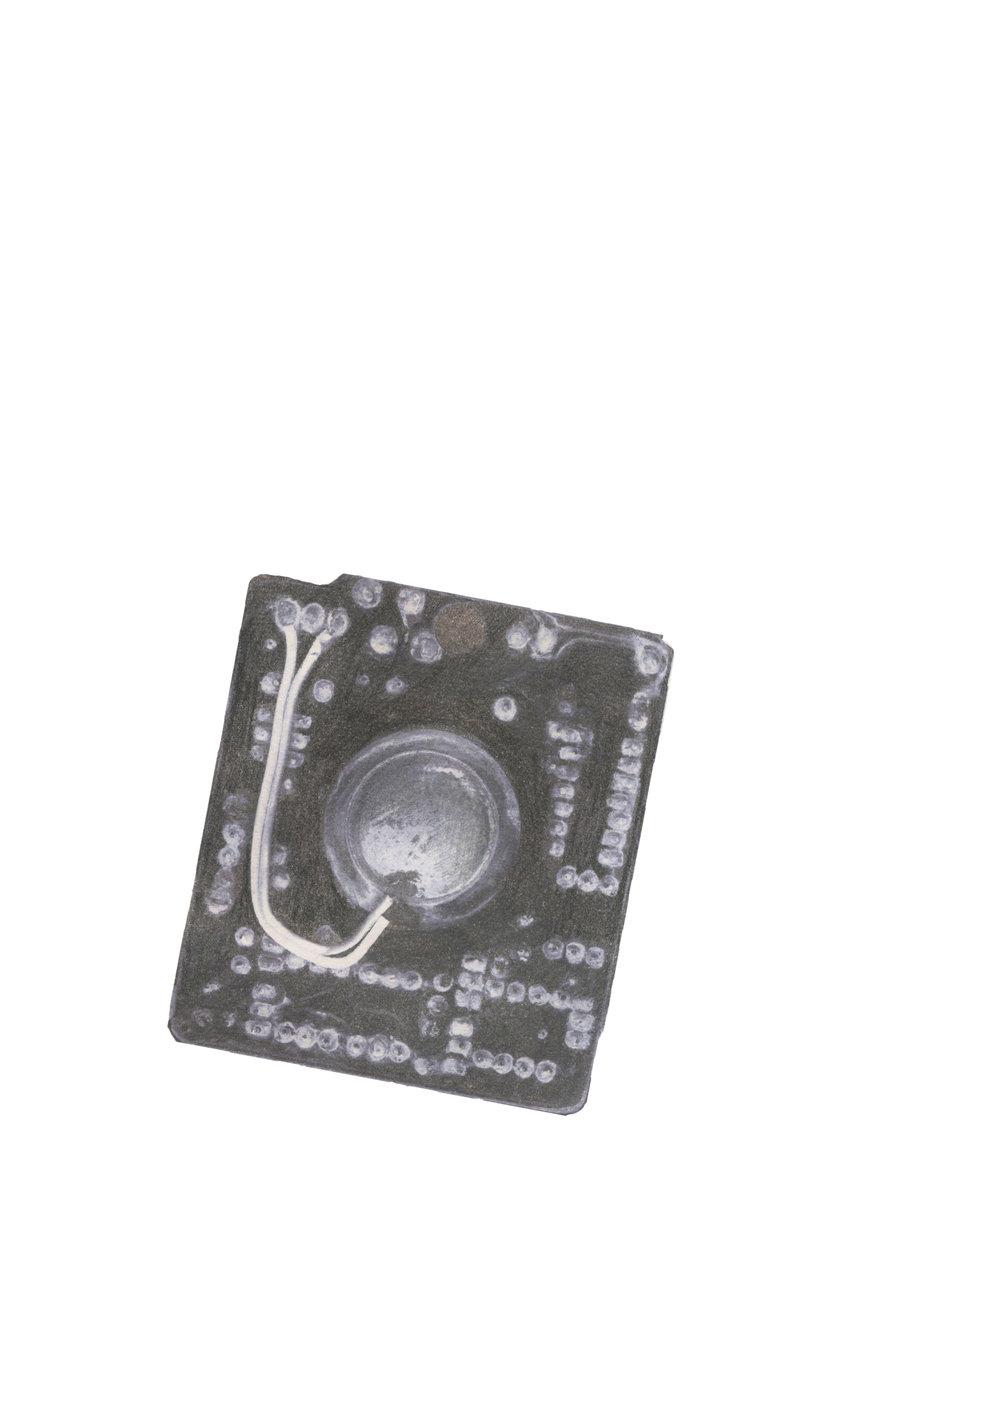 circuit board_kate_watkins.jpg